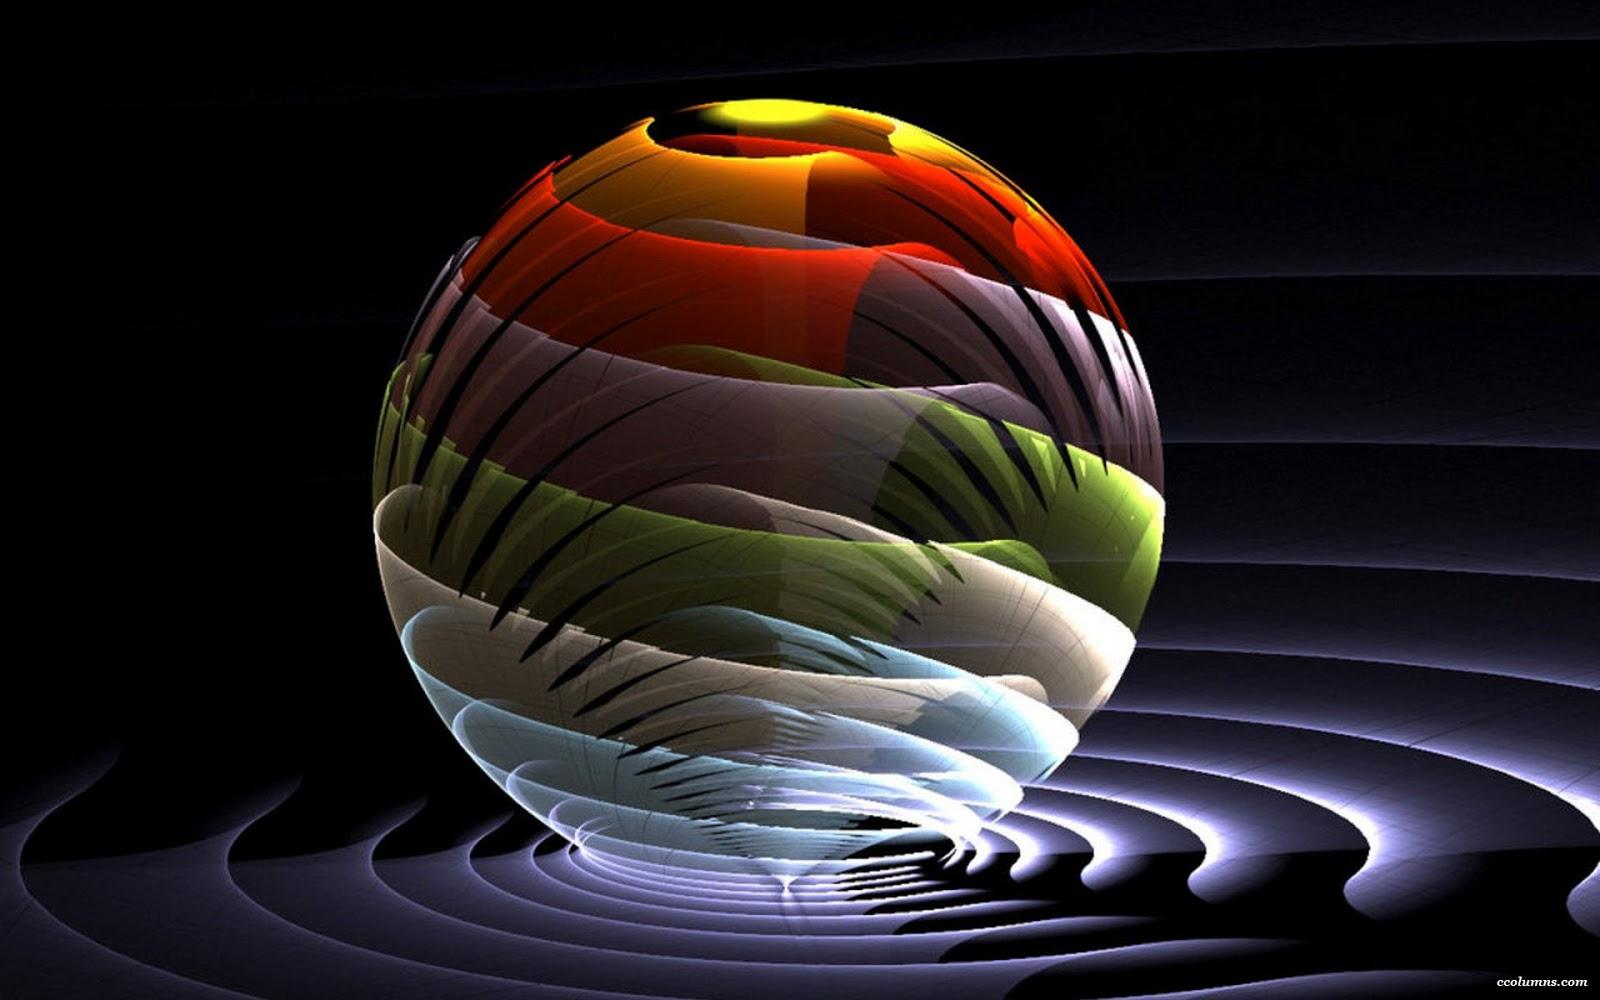 http://3.bp.blogspot.com/-k1P9_xBSreA/UPr9E7REsQI/AAAAAAAADRw/YT0-aIzPTdE/s1600/3d-hd-desktop-wallpaper-3d-hd-duvar-ka-d.jpg